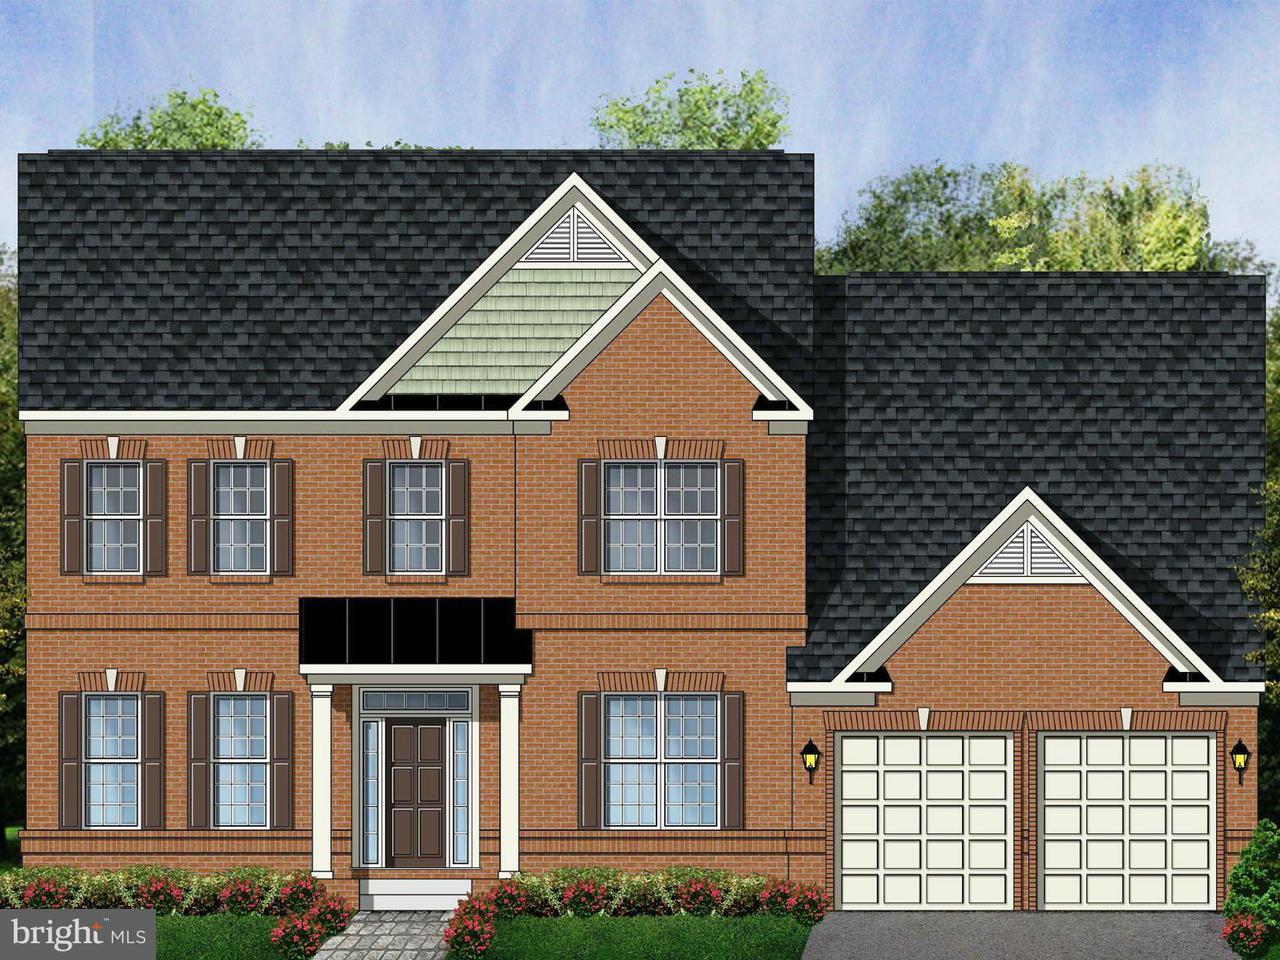 Частный односемейный дом для того Продажа на 2815 TROTTER PARK Lane 2815 TROTTER PARK Lane Glenarden, Мэриленд 20706 Соединенные Штаты